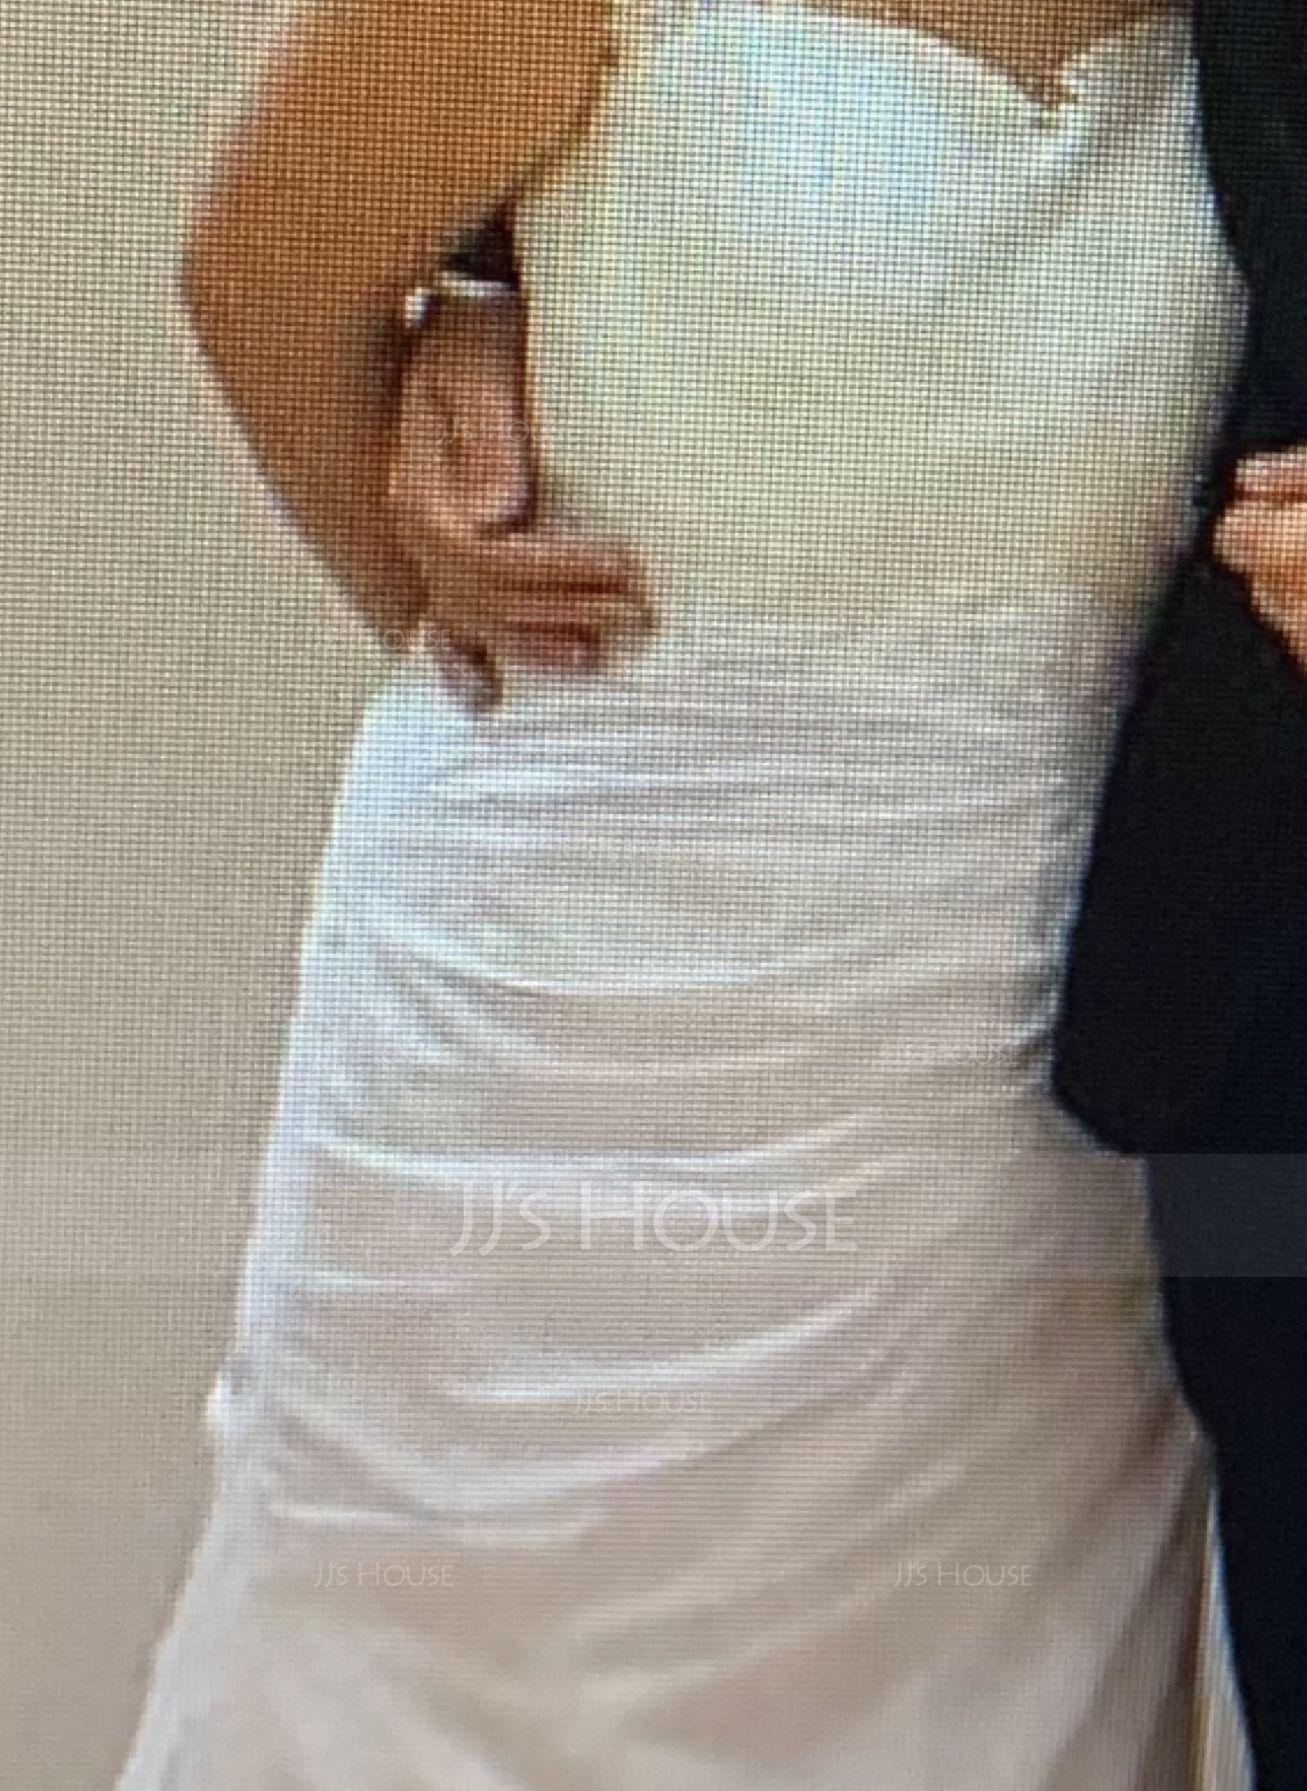 マーメイド スクエアネック コート・トレーン シフォン ウエディングドレス とともに ラッフル